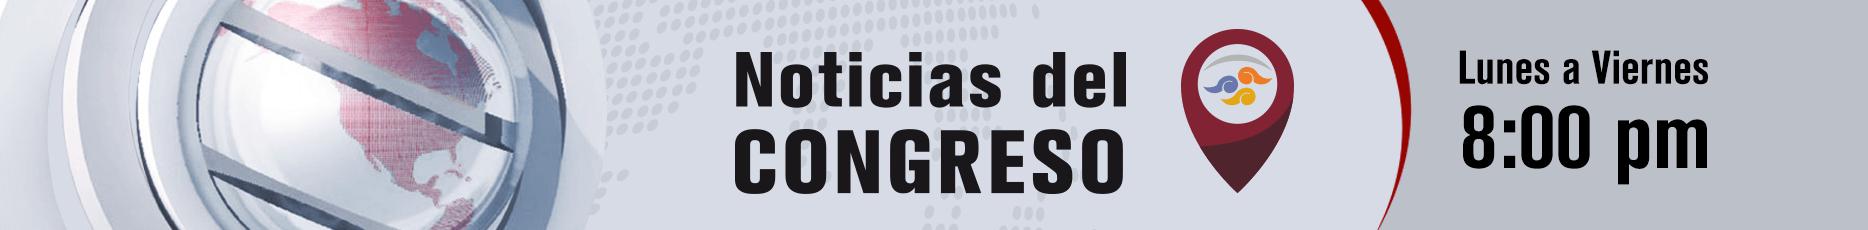 Noticias del Congreso - lunes a viernes 8:00 p.m. en vivo